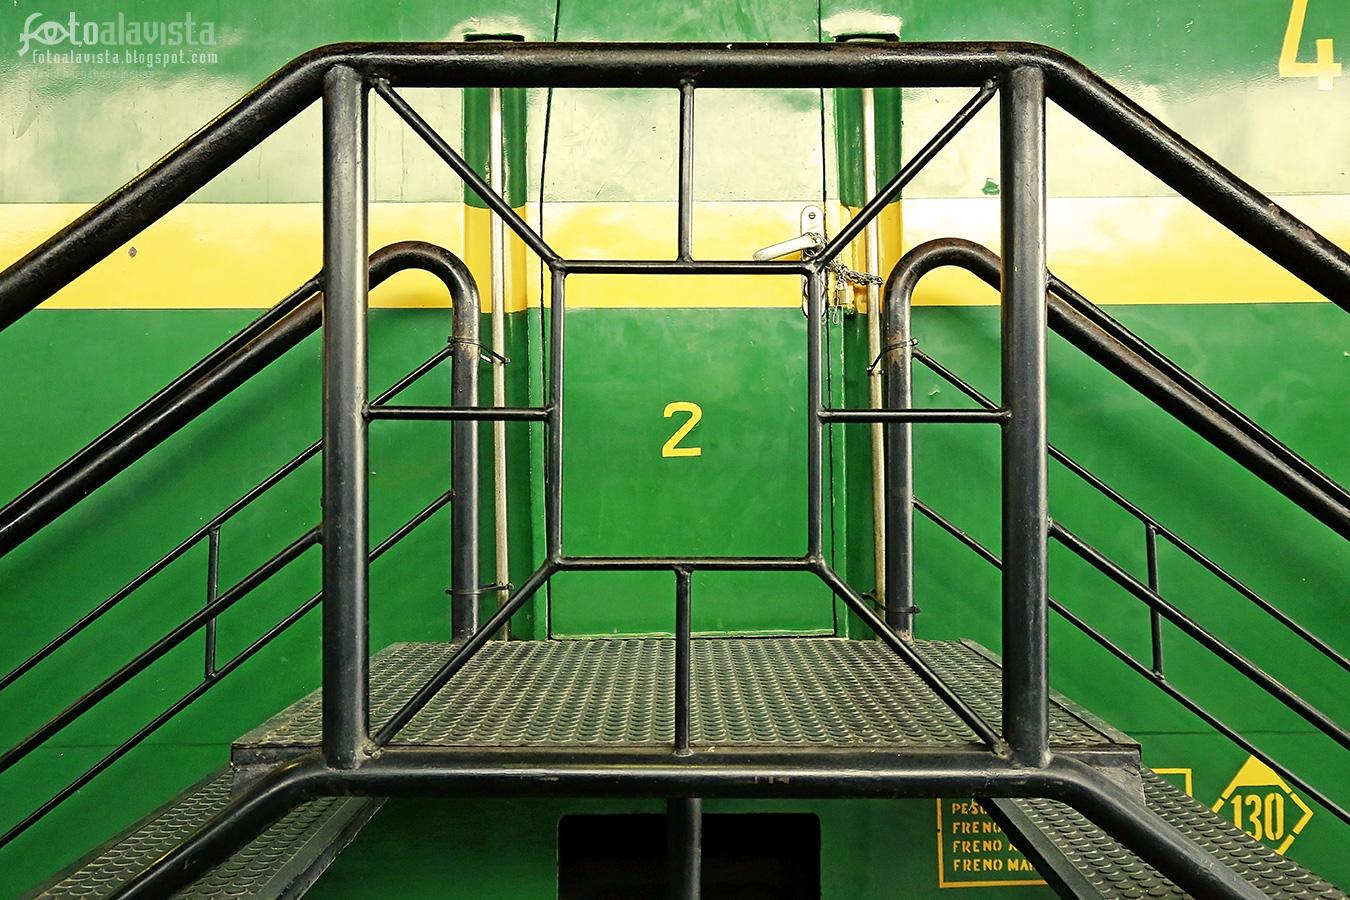 Encerra-DOS en el tren - Fotografía artística